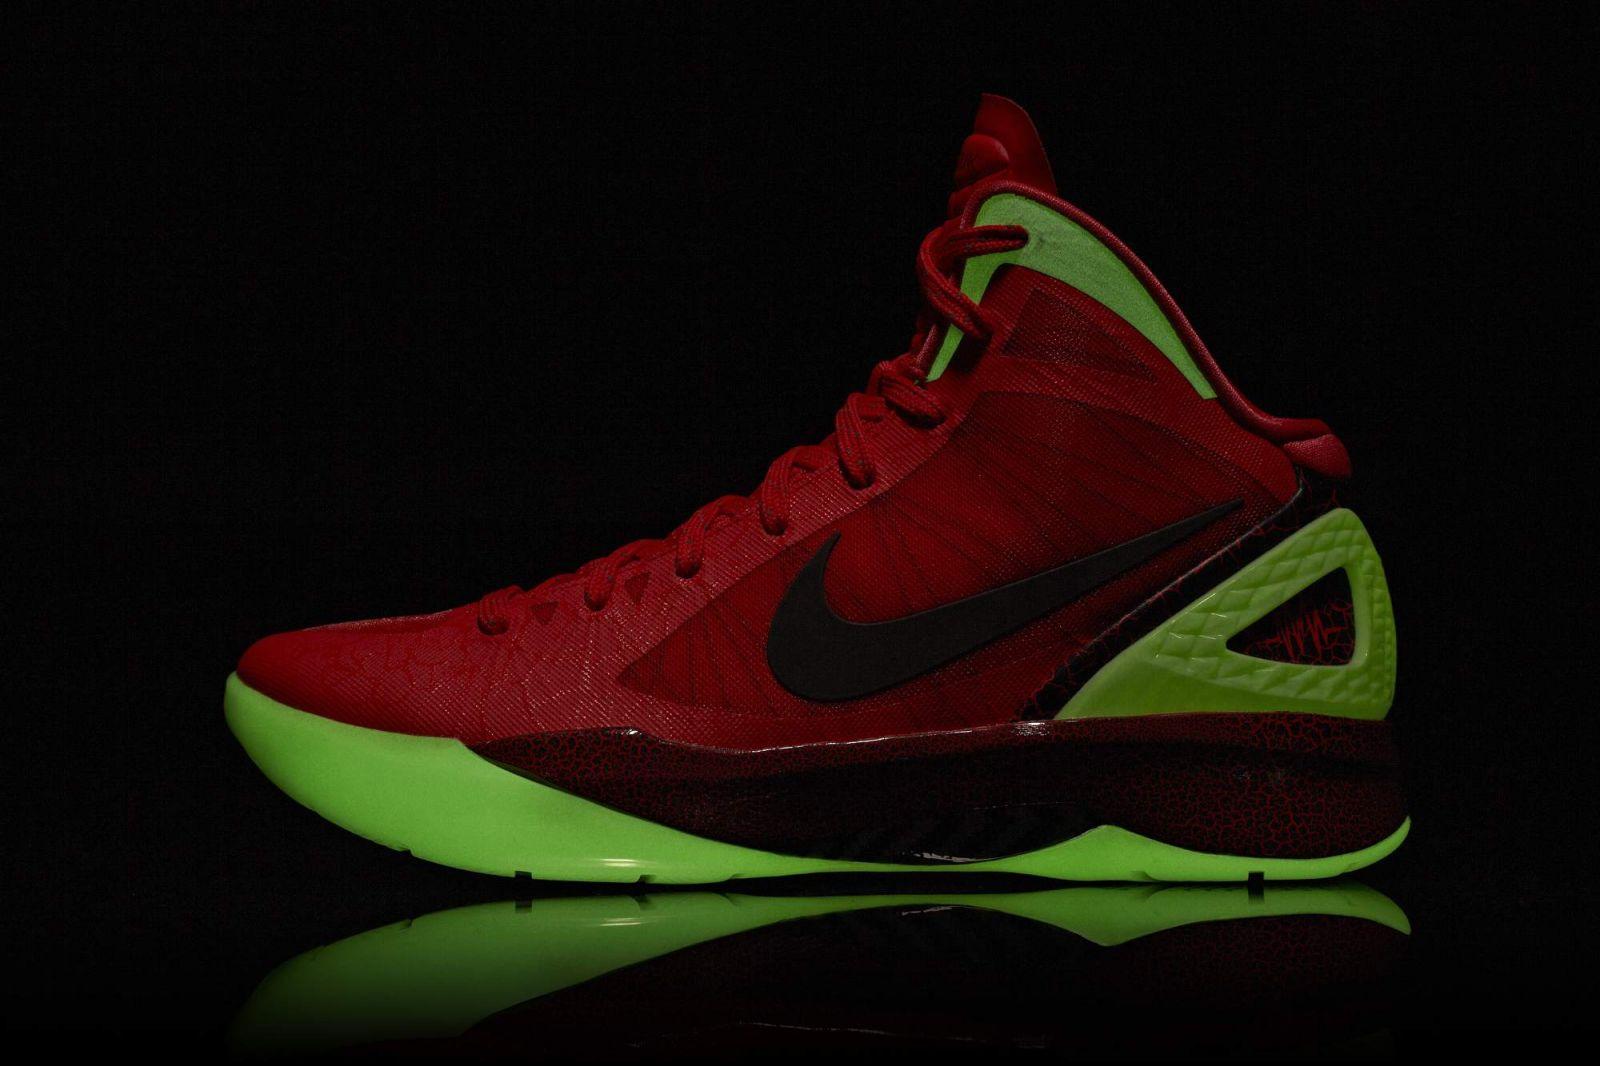 52523d253850 First Look  Nike Hyperdunk 2011 - Blake Griffin Dunk Contest Player ...